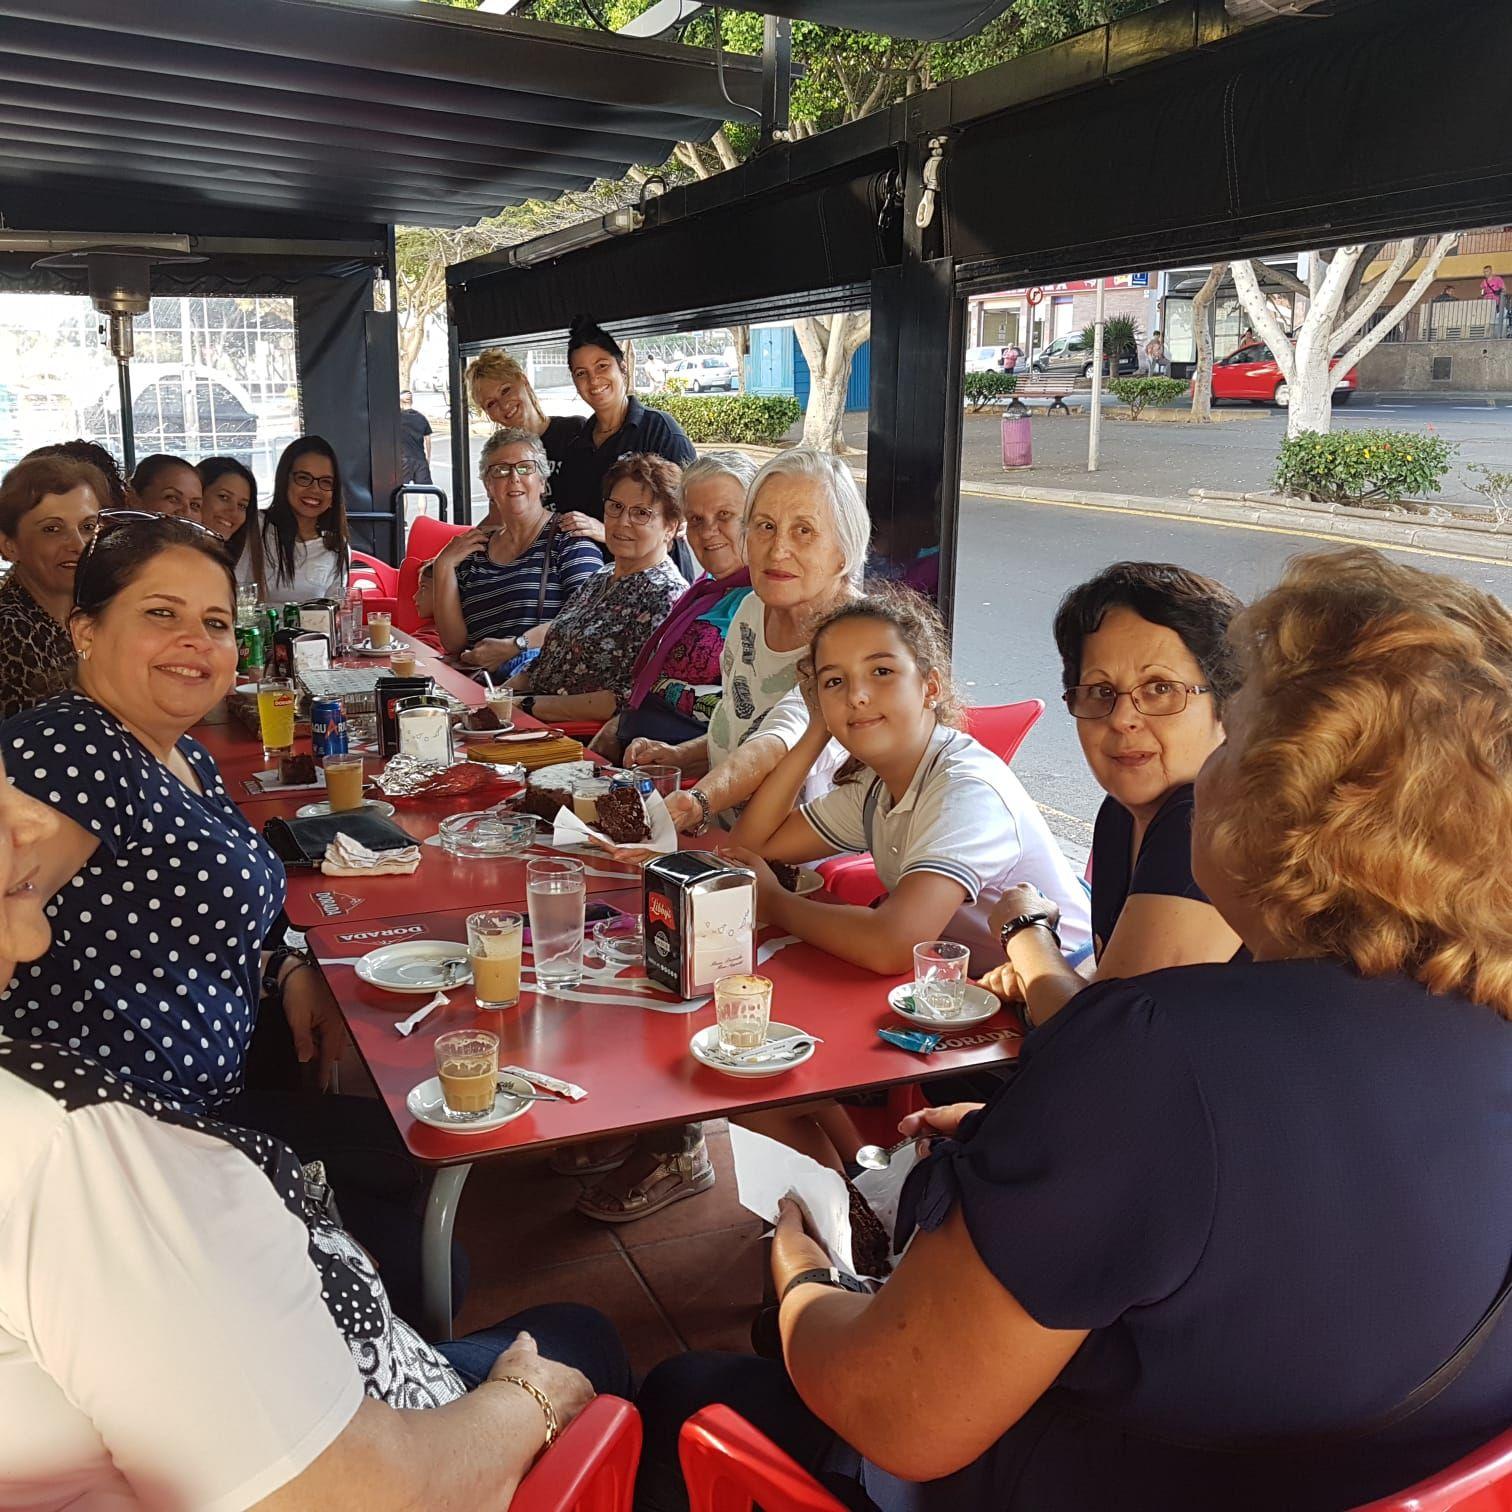 Foto 4 de Churrería  en  | Cafetería  Mortadelo